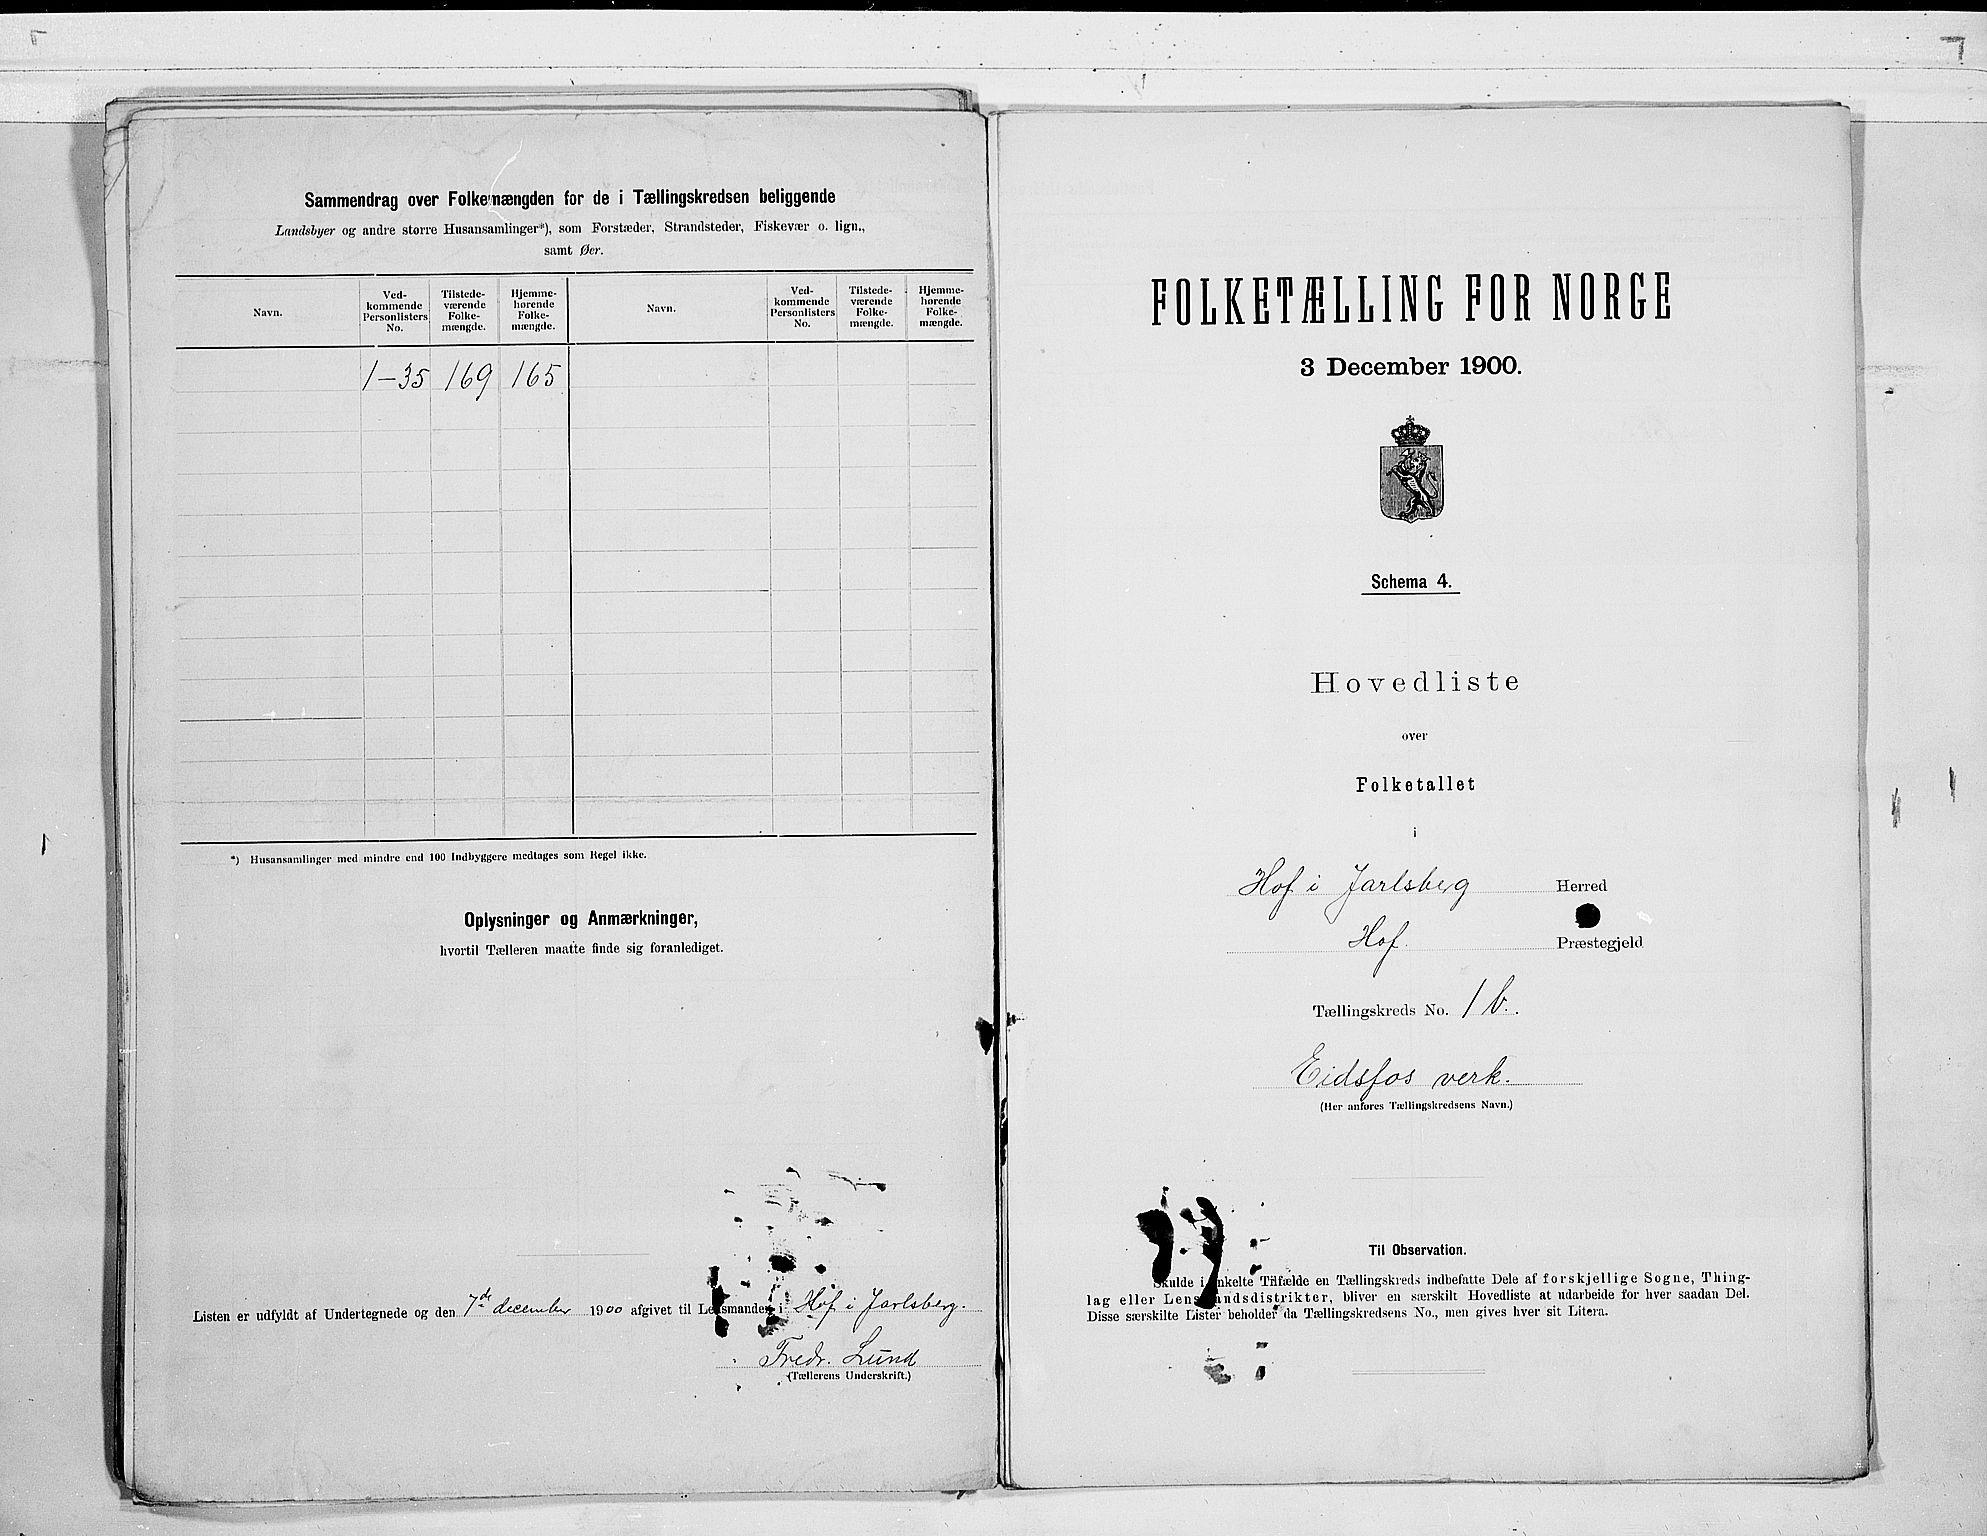 RA, Folketelling 1900 for 0714 Hof herred, 1900, s. 6